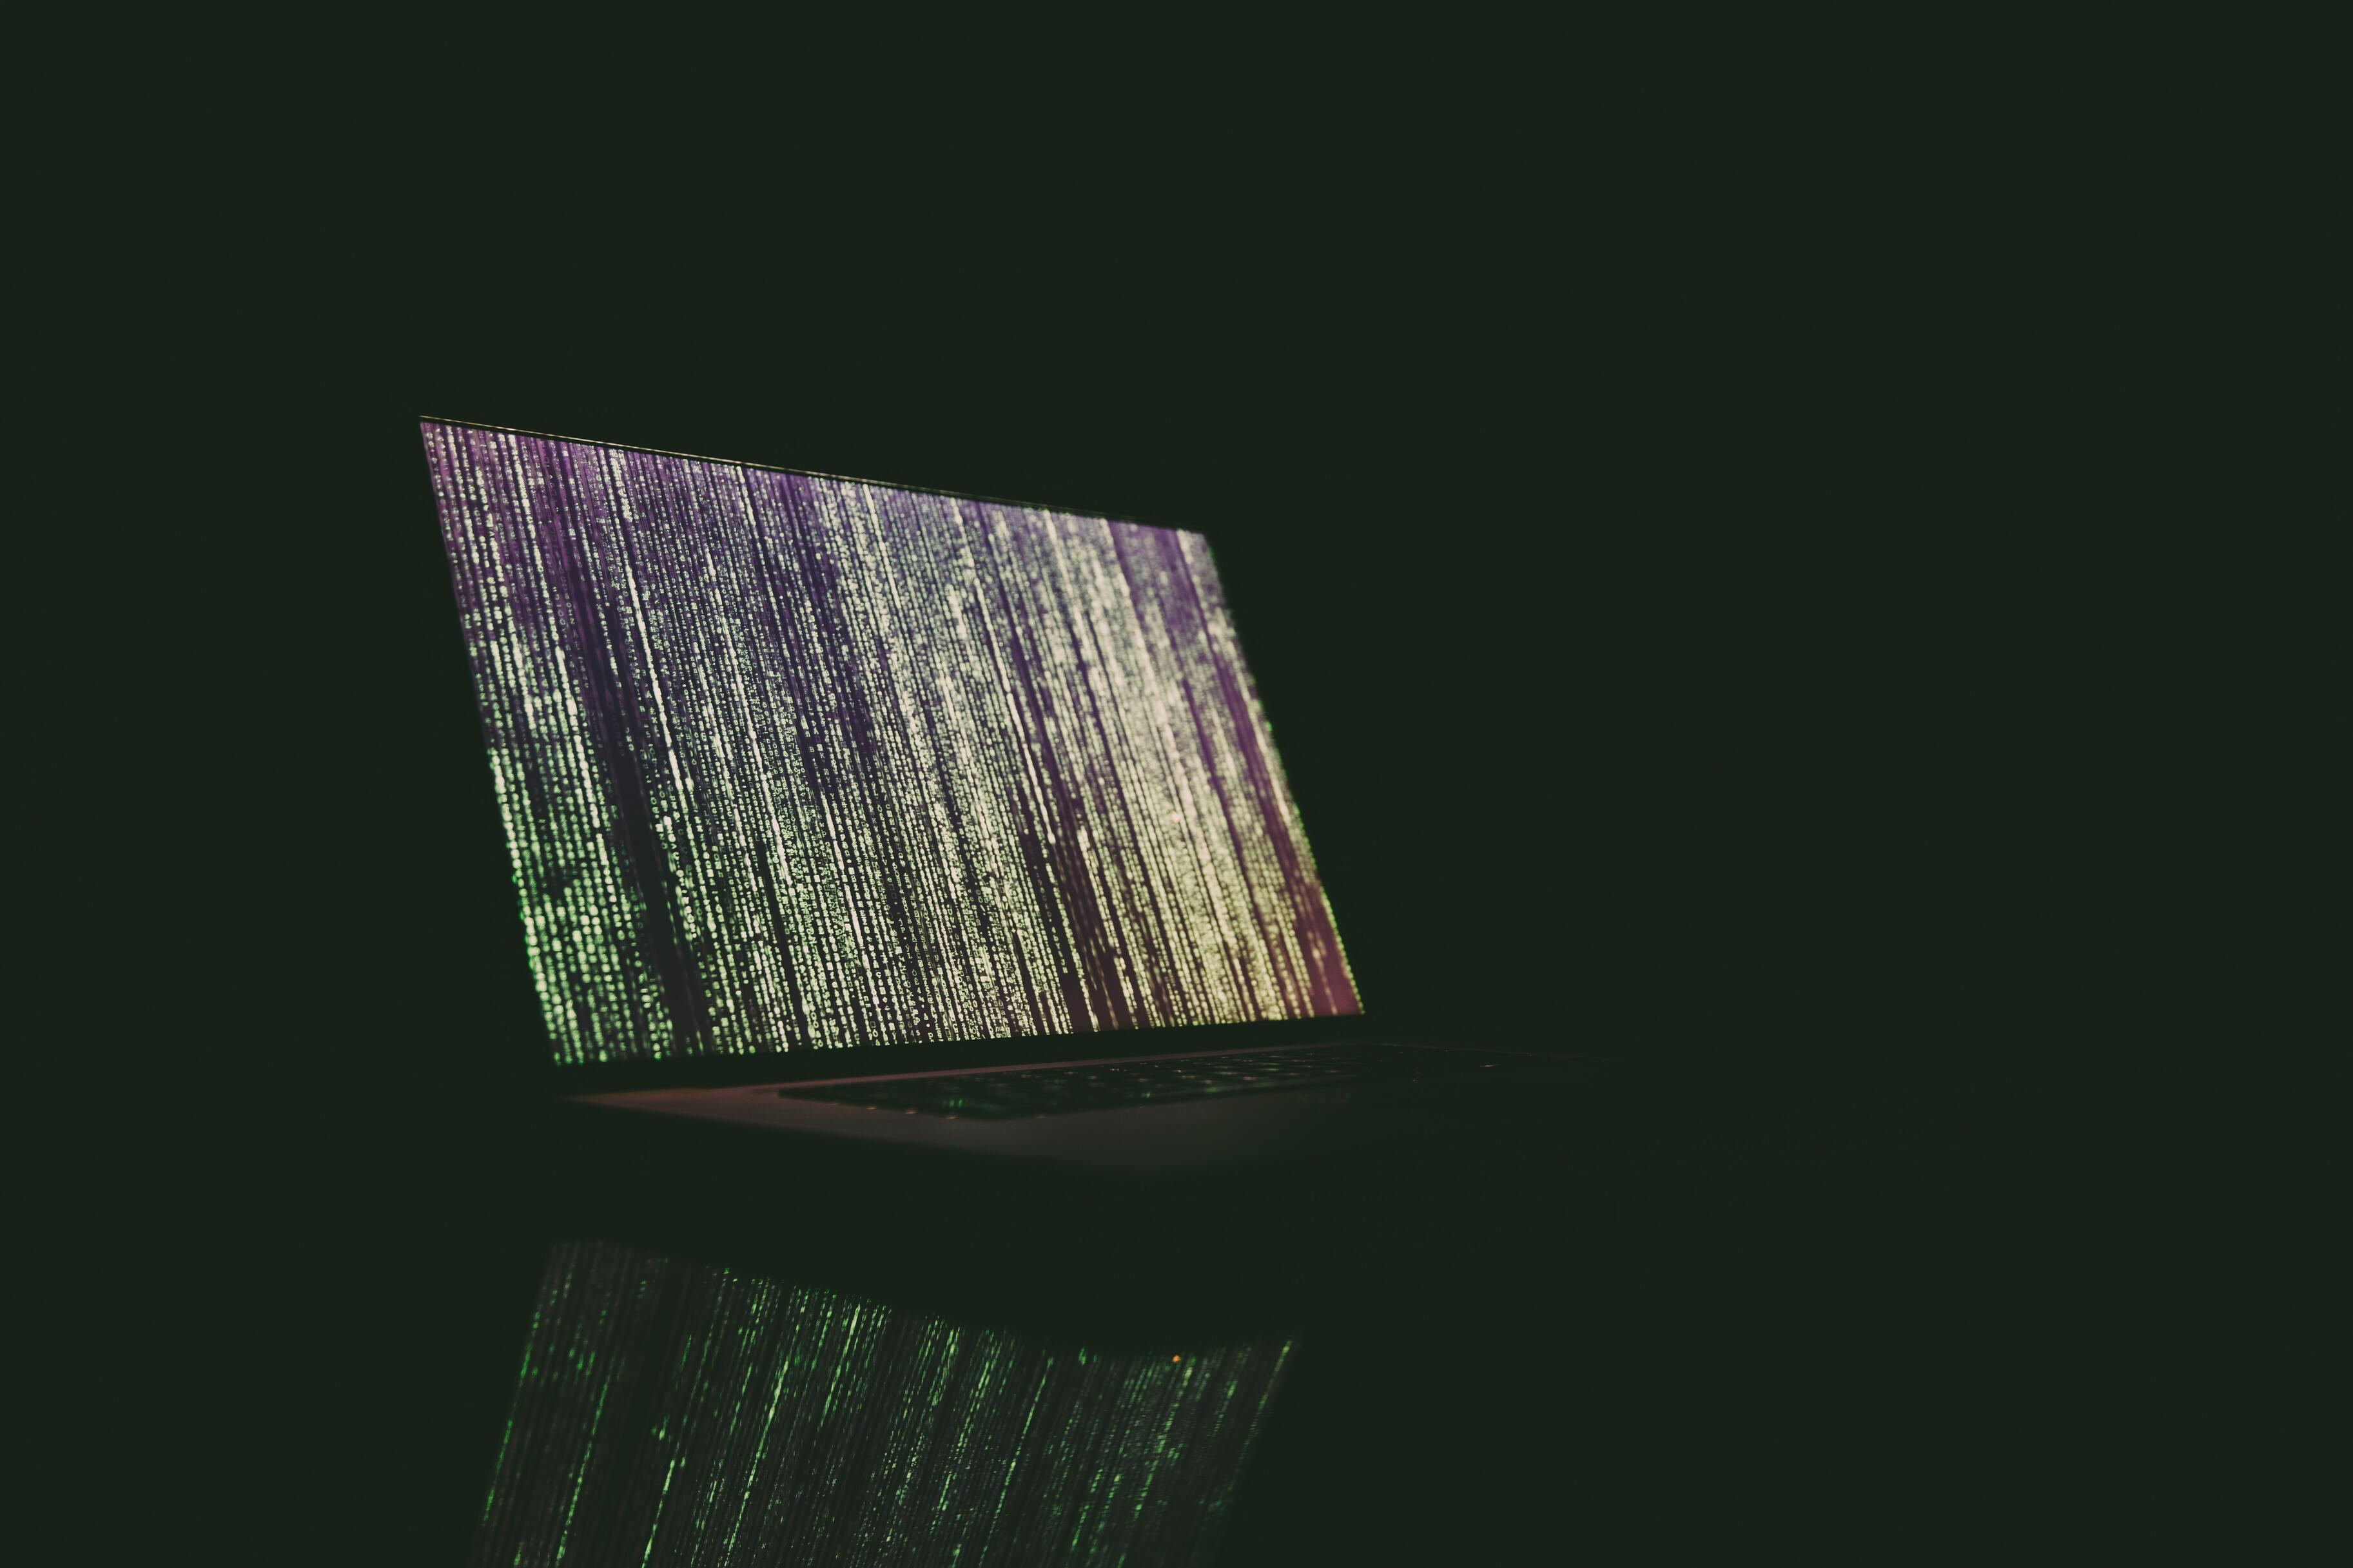 Госдеп США атаковали хакеры